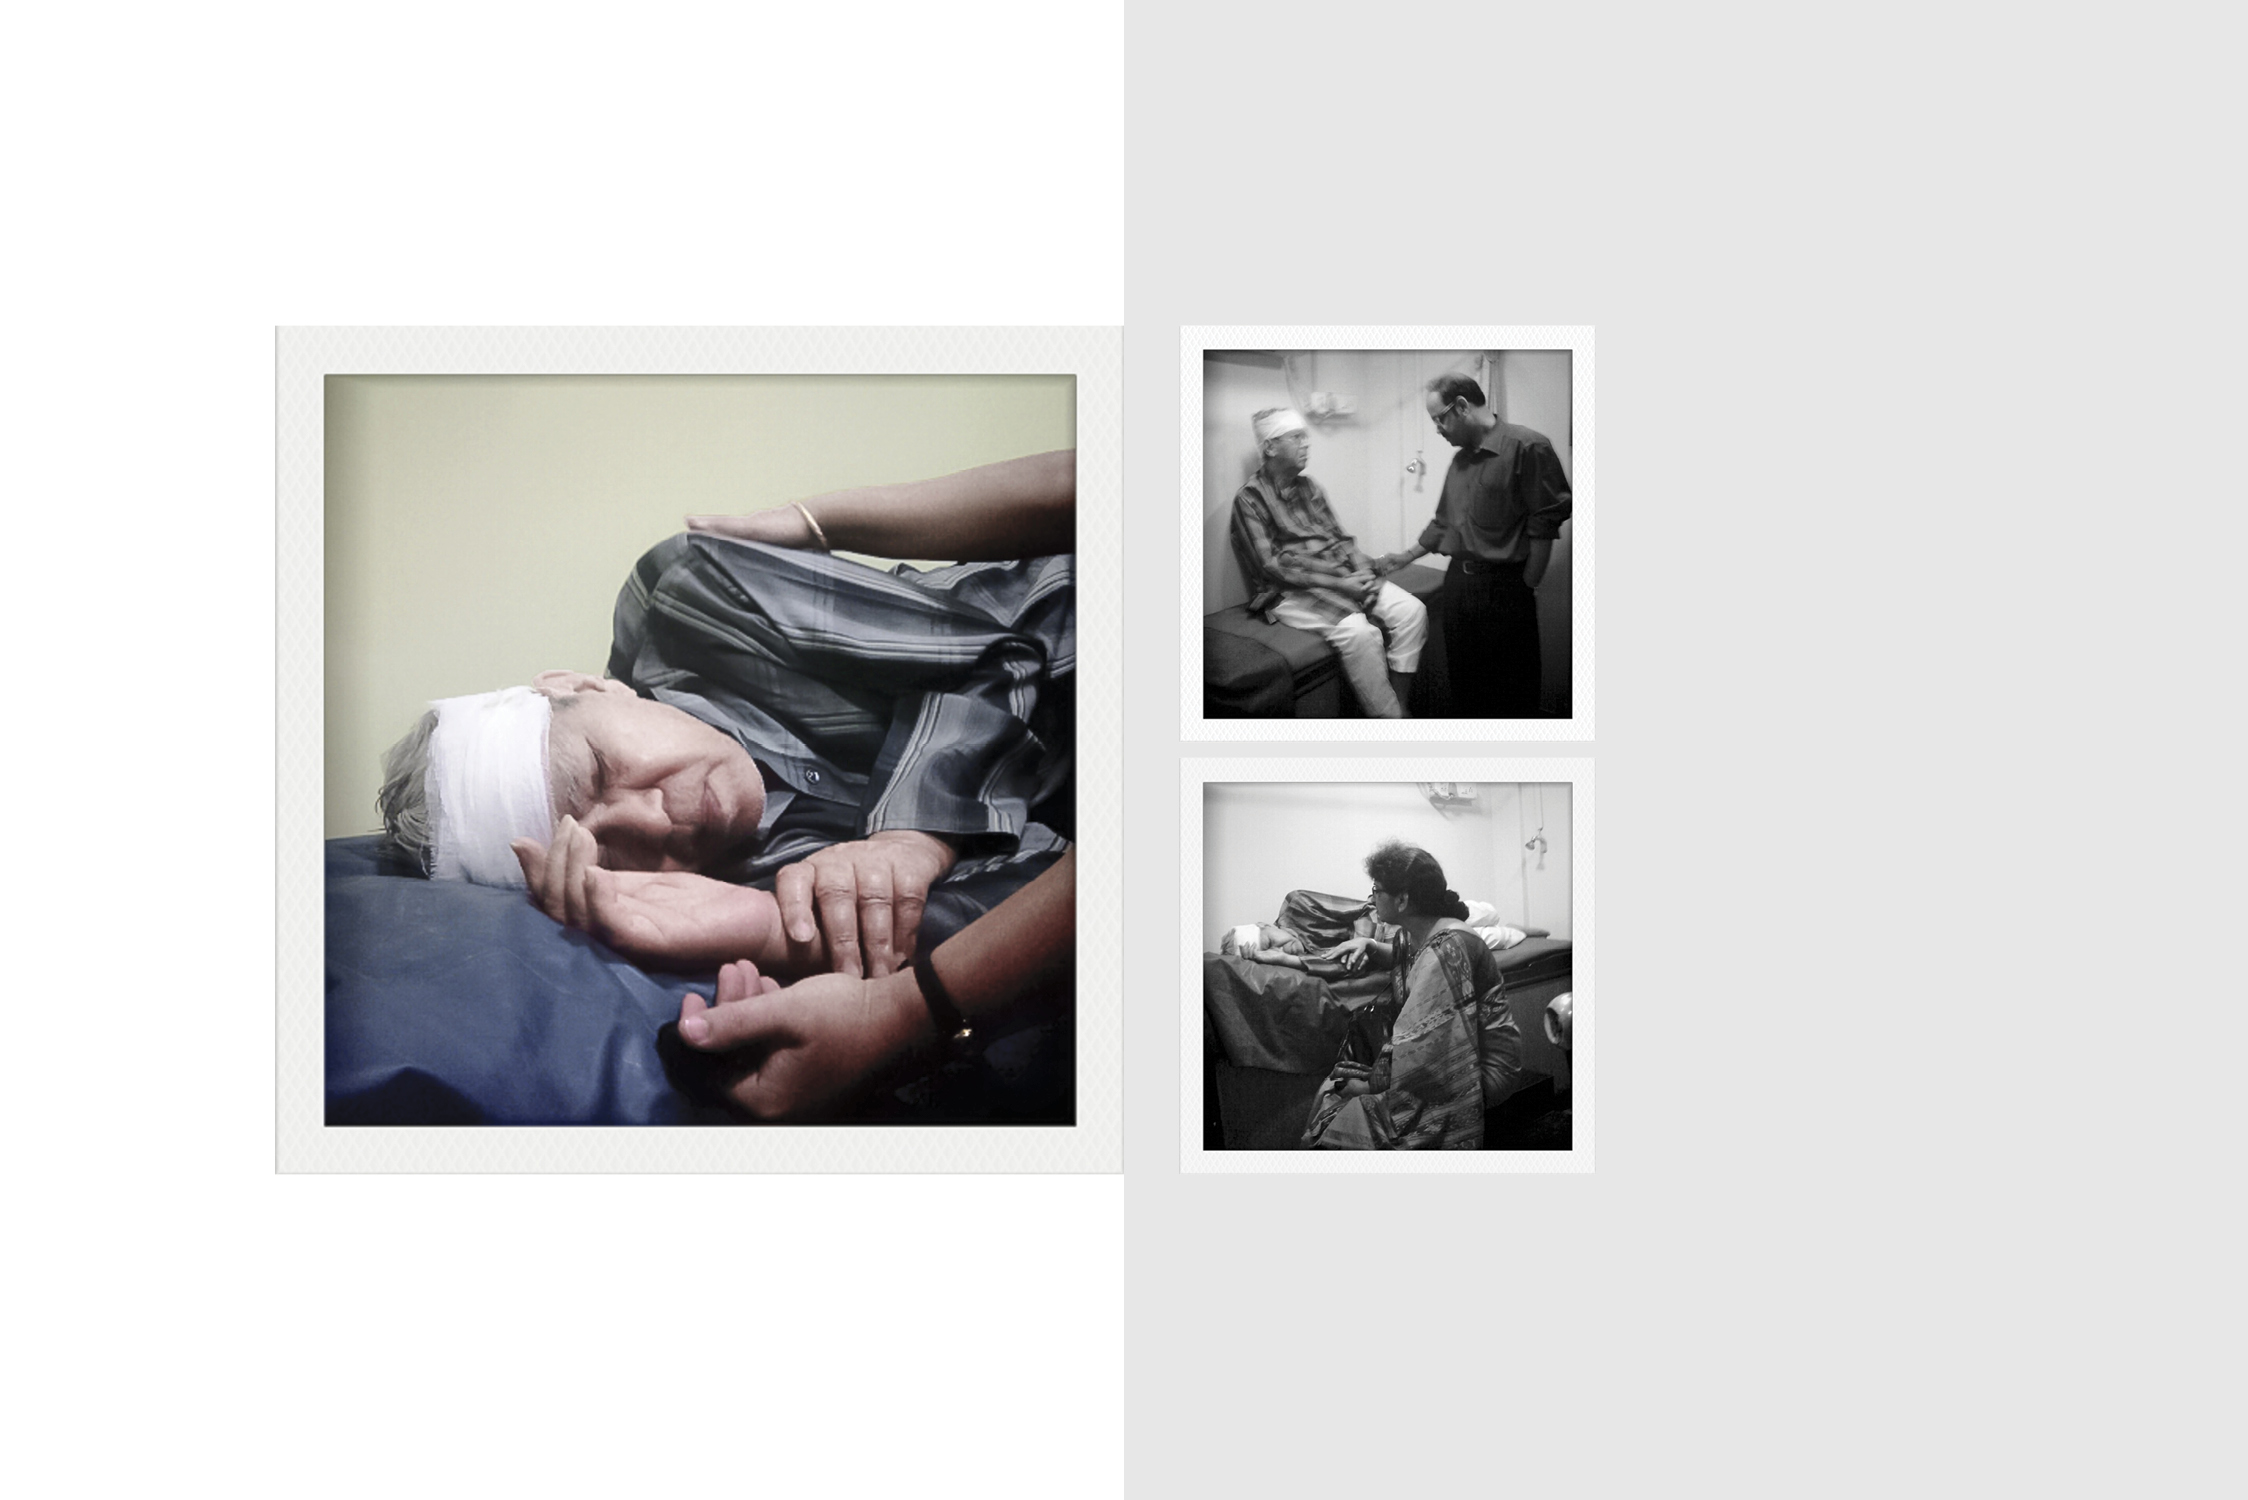 Chhandak Pradhan_living in memory_journal_personal_old_dementia_grandparents.jpg